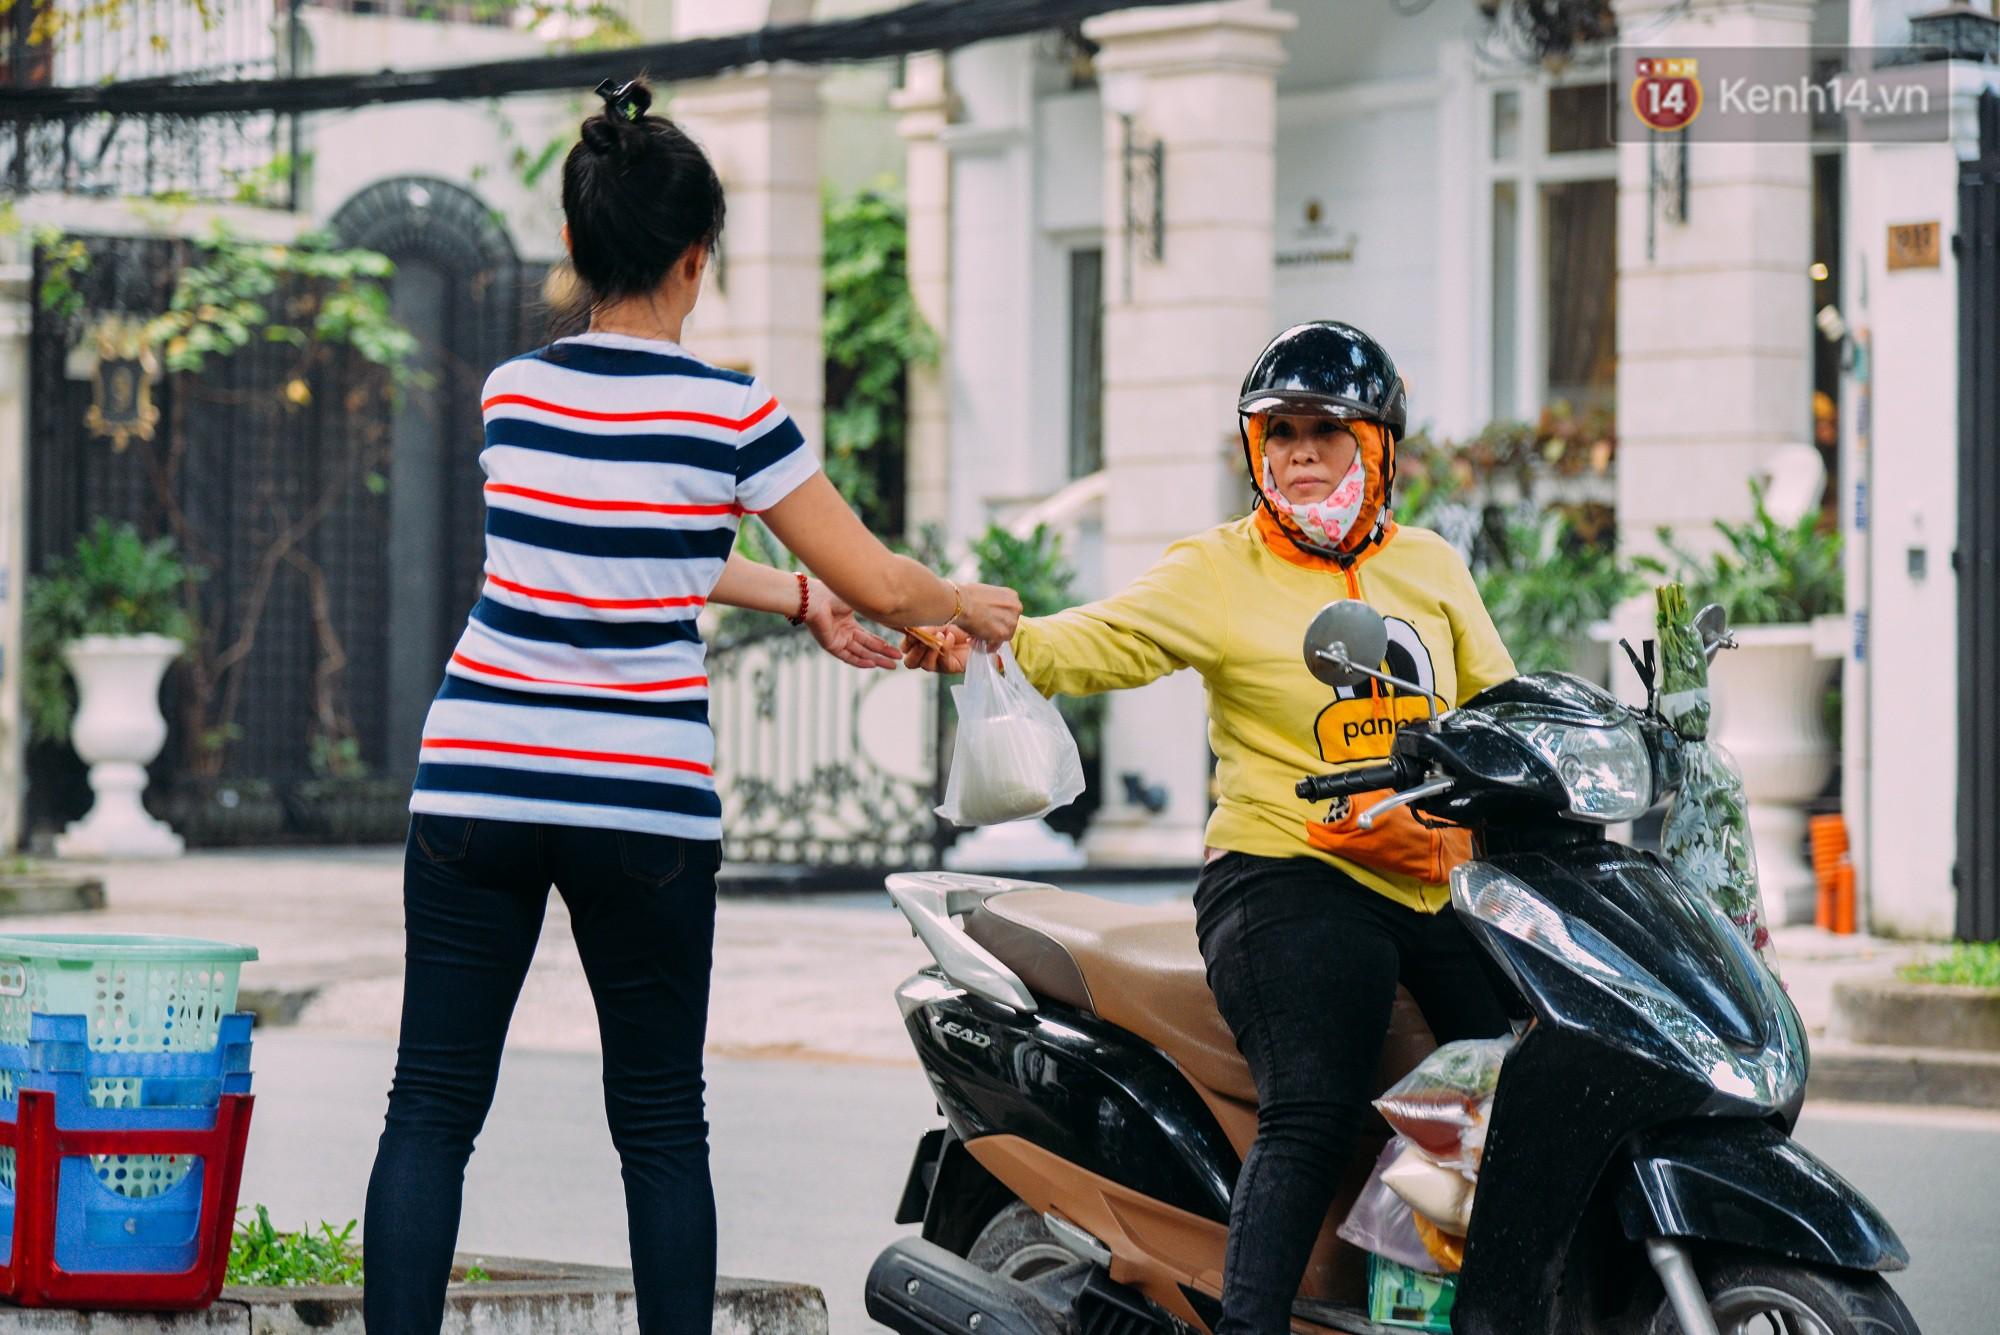 Sữa tươi Mười vào sáng tinh mơ và câu chuyện 20 năm gây thương nhớ của những cô chủ quán dễ thương nhất Sài Gòn - Ảnh 9.